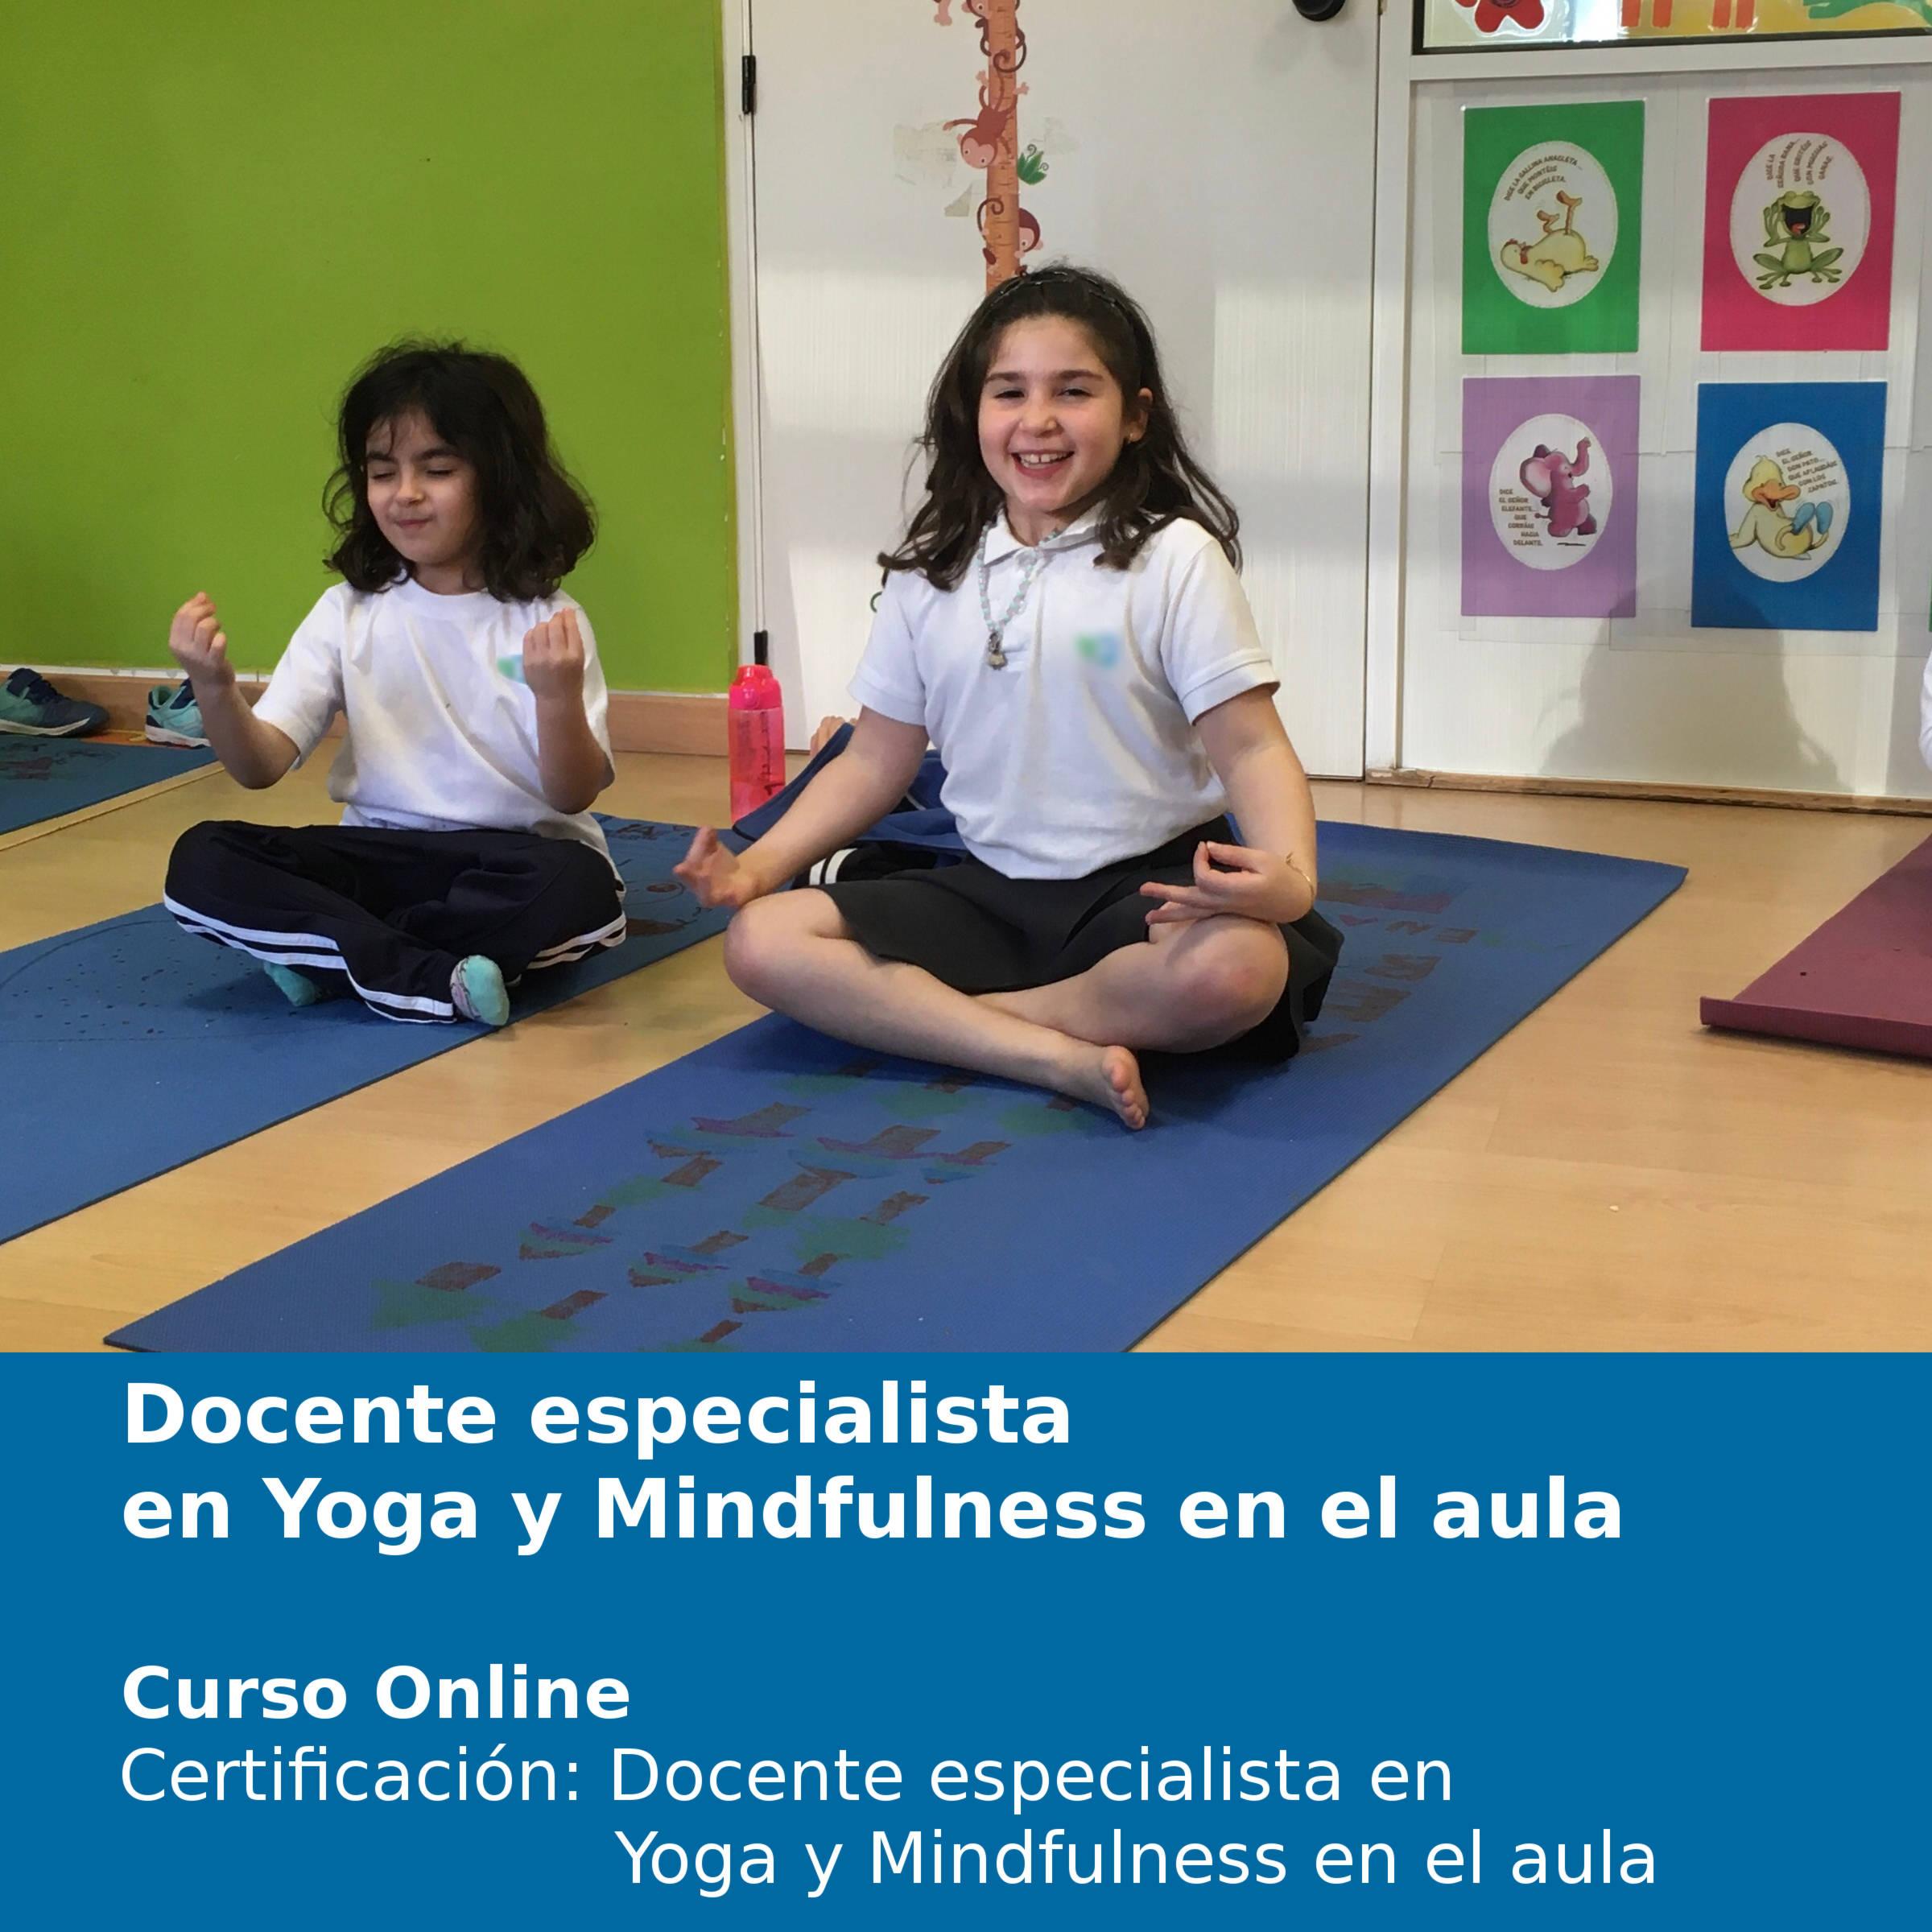 Docente especialista en Yoga y Mindfulness en el aula